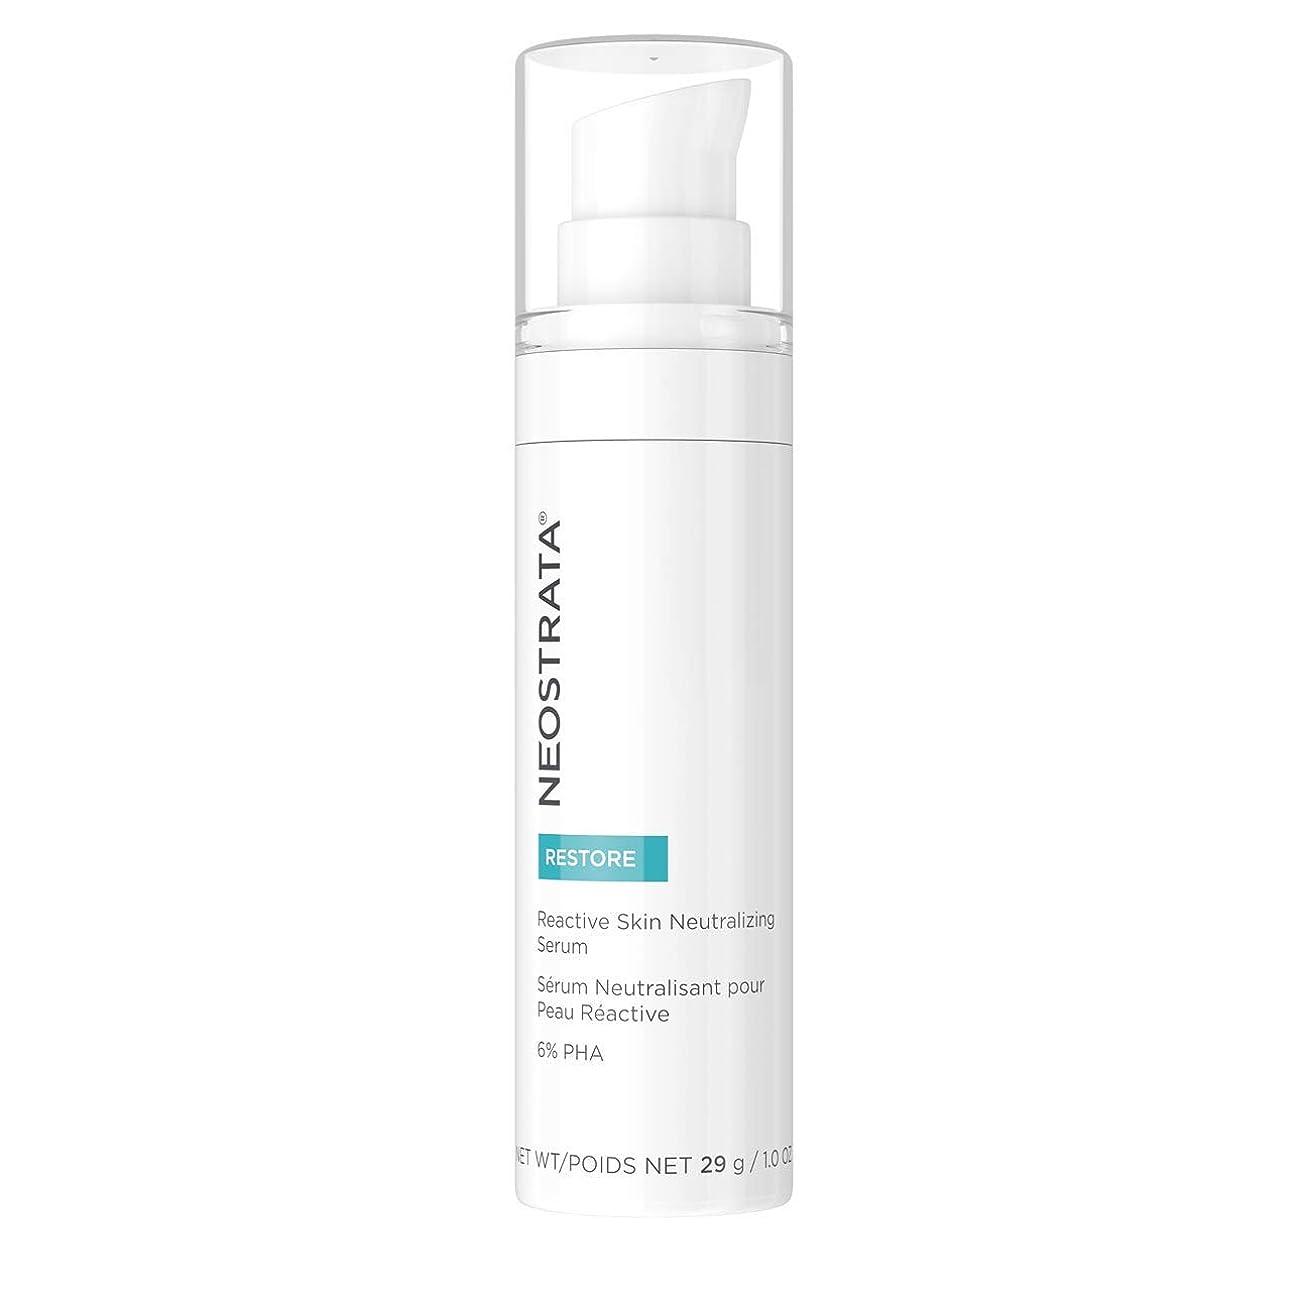 教育学イノセンス豊富なネオストラータ Restore - Reactive Skin Neutralizing Serum 6% PHA 29g/1oz並行輸入品